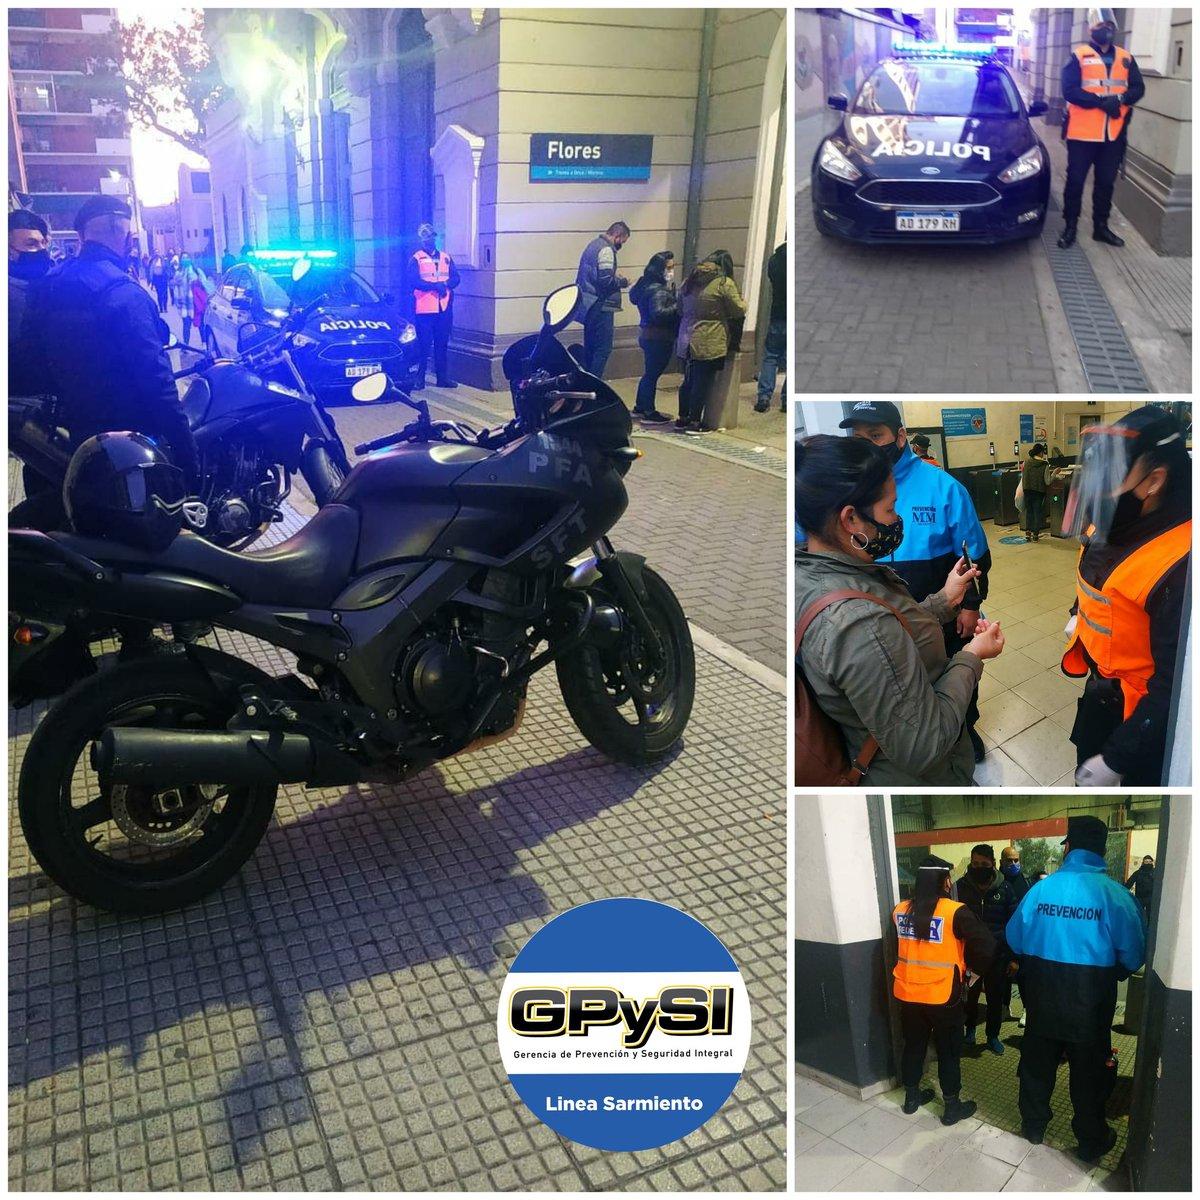 [PREVENCIÓN] Operativo de control y seguridad al pasajero , se llevo a cabo el día de ayer en la estación Flores de la #LineaSarmiento por personal de la #GPySI y #PFA . https://t.co/9h0cAVoB9y